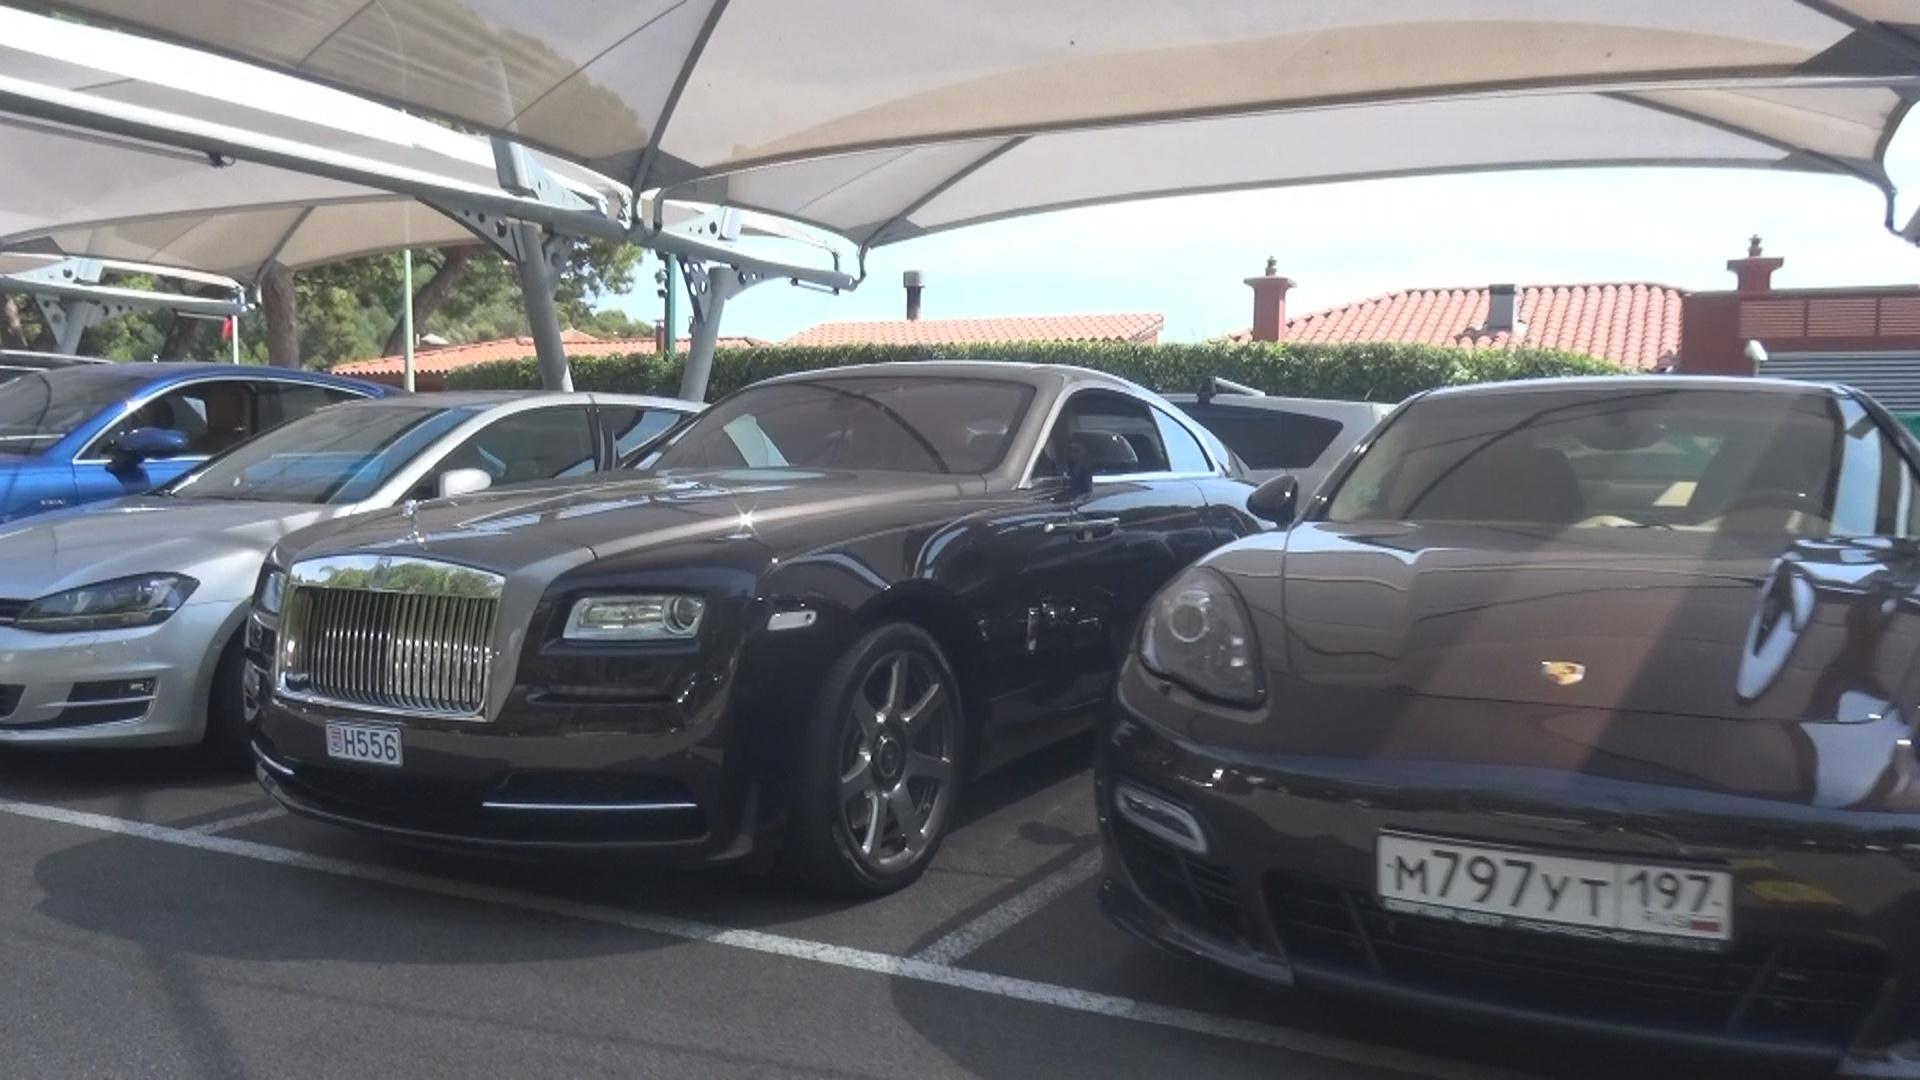 Rolls Royce Wraith - H556 (MC)